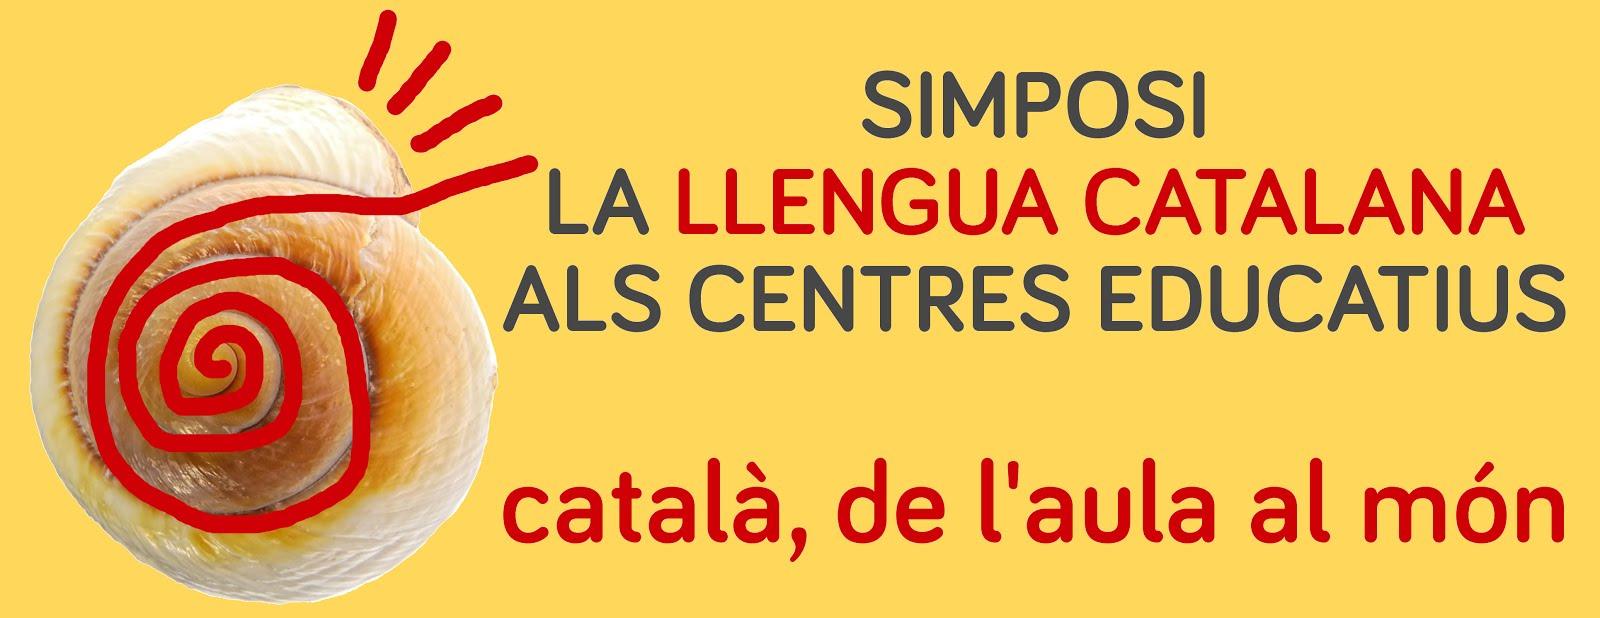 SIMPOSI DE LA LLENGUA CATALANA ALS CENTRES EDUCATIUS el català, de l'aula al món